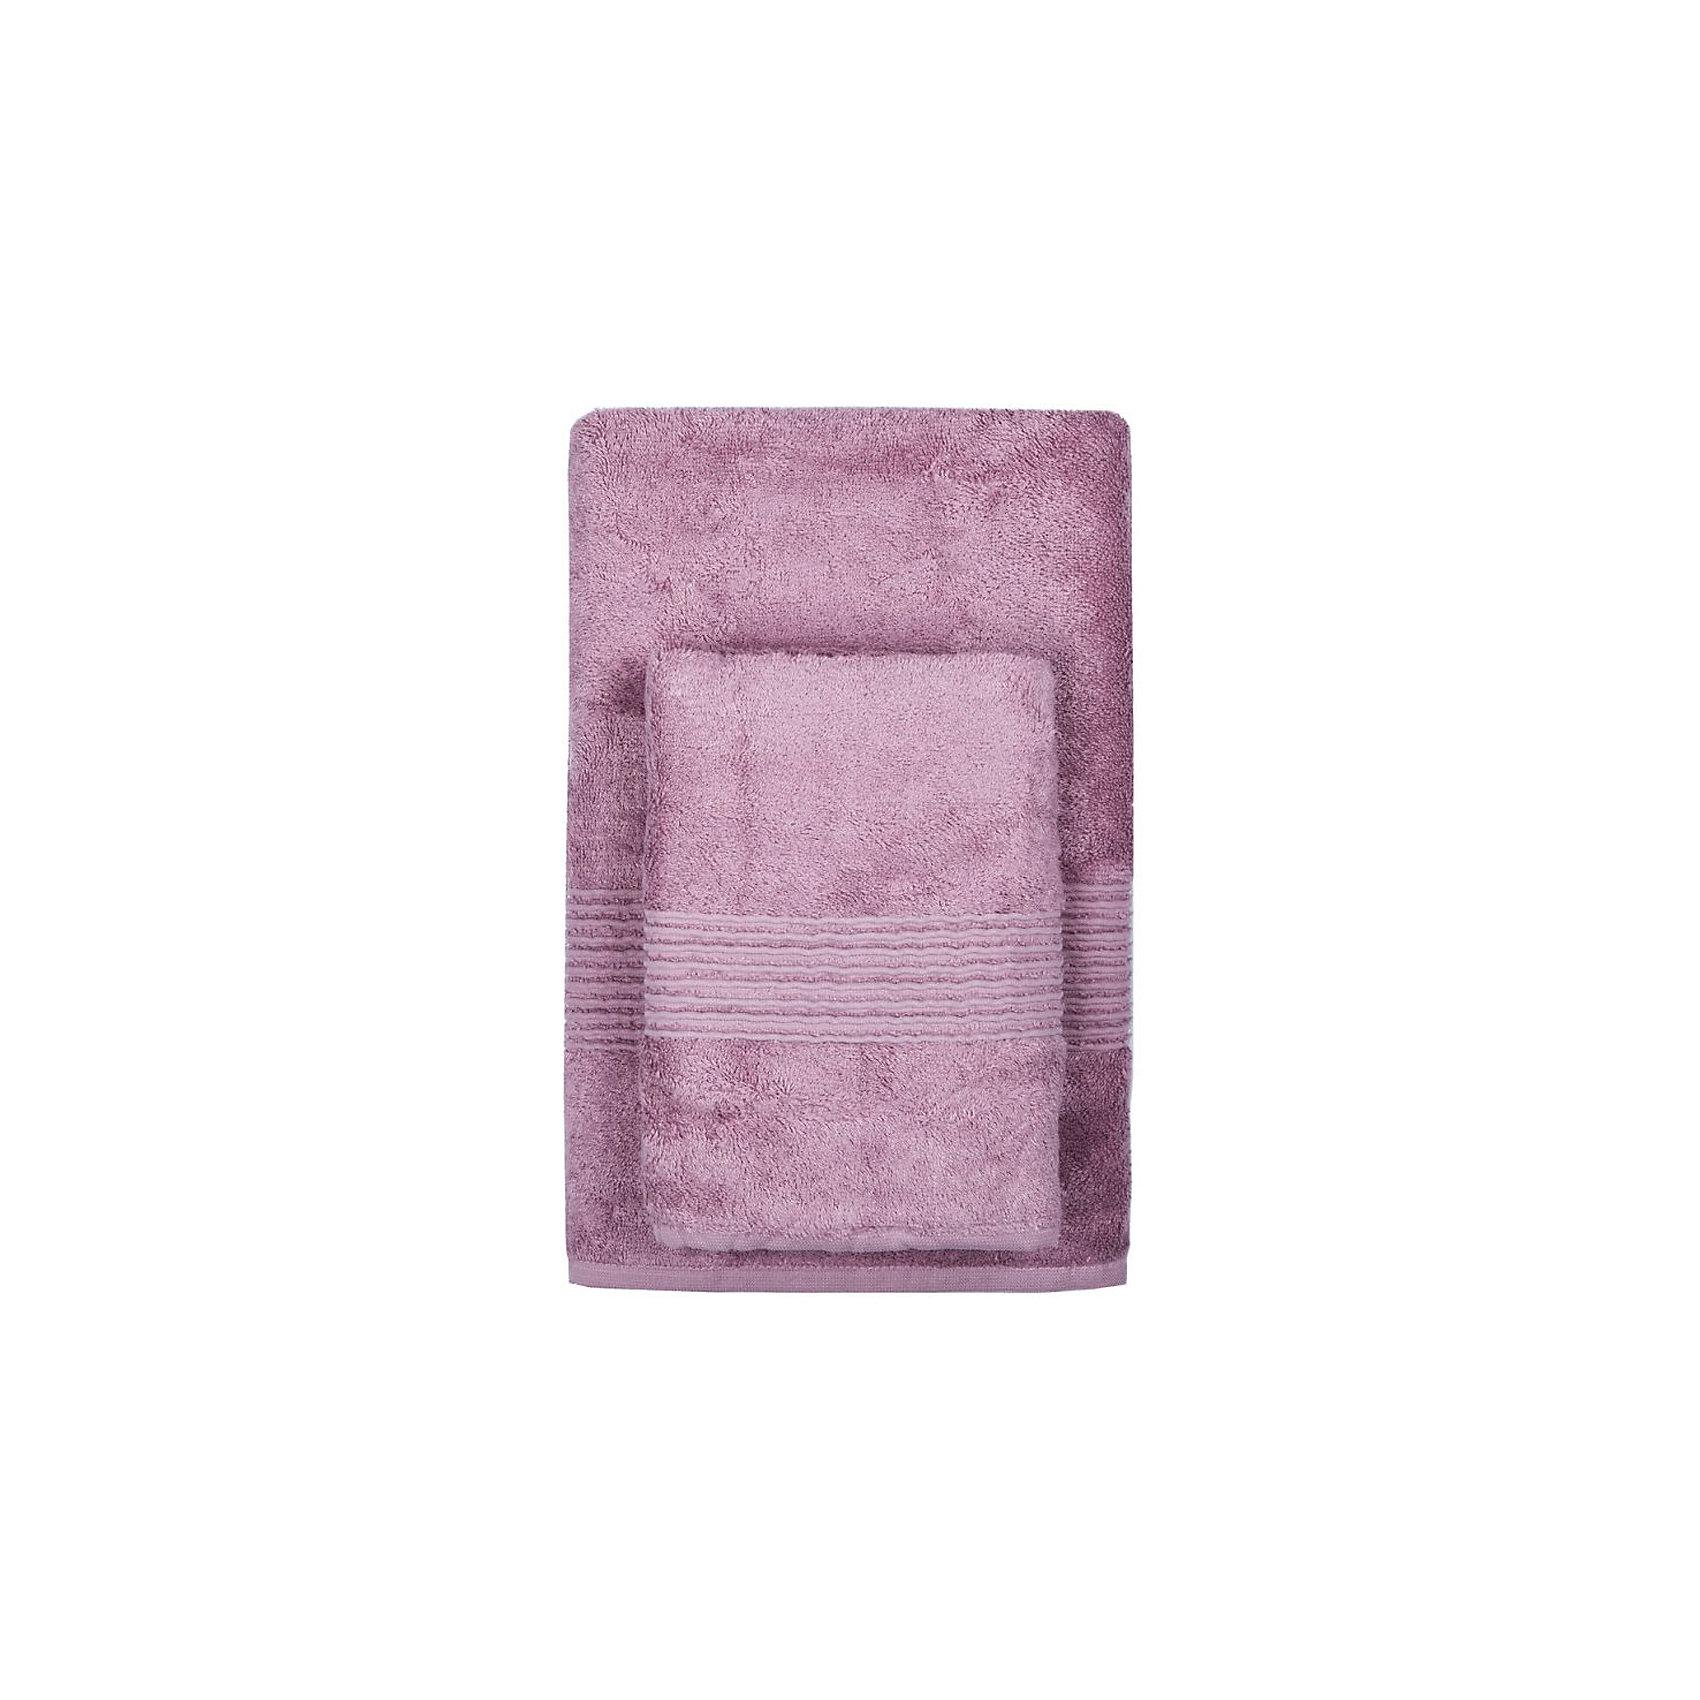 Полотенце махровое Maison Bambu, 50*90, TAC, сиреневый (leylak)Ванная комната<br>Характеристики:<br><br>• Вид домашнего текстиля: махровое полотенце<br>• Размеры полотенца: 50*90 см<br>• Рисунок: без рисунка<br>• Декоративные элементы: бордюр<br>• Материал: хлопок, 50% хлопок; бамбук, 50%<br>• Цвет: сиреневый<br>• Плотность полотна: 550 гр/м2 <br>• Вес: 260 г<br>• Размеры упаковки (Д*Ш*В): 25*4*25 см<br>• Особенности ухода: машинная стирка <br><br>Полотенце махровое Maison Bambu, 50*90, TAC, сиреневый (leylak) от наиболее популярного бренда на отечественном рынке среди производителей комплектов постельного белья и текстильных принадлежностей, выпуском которого занимается производственная компания, являющаяся частью мирового холдинга Zorlu Holding Textiles Group. Полотенце выполнено из сочетания натурального хлопка и бамбукового волокна, что обеспечивает гипоаллергенность, высокую износоустойчивость, повышенные гигкоскопические и антибактериальные свойства изделия. <br><br>Благодаря высокой степени плотности махры, полотенце отлично впитывает влагу, но при этом остается мягким. Ворс окрашен стойкими нетоксичными красителями, который не оставляет запаха и обеспечивает ровный окрас. Полотенце сохраняет свой цвет и форму даже при частых стирках. Выполнено в сиреневом цвете без рисунка, декорировано бордюром. <br><br>Полотенце махровое Maison Bambu, 50*90, TAC, сиреневый (leylak) можно купить в нашем интернет-магазине.<br><br>Ширина мм: 250<br>Глубина мм: 30<br>Высота мм: 230<br>Вес г: 300<br>Возраст от месяцев: 216<br>Возраст до месяцев: 1188<br>Пол: Унисекс<br>Возраст: Детский<br>SKU: 5476336